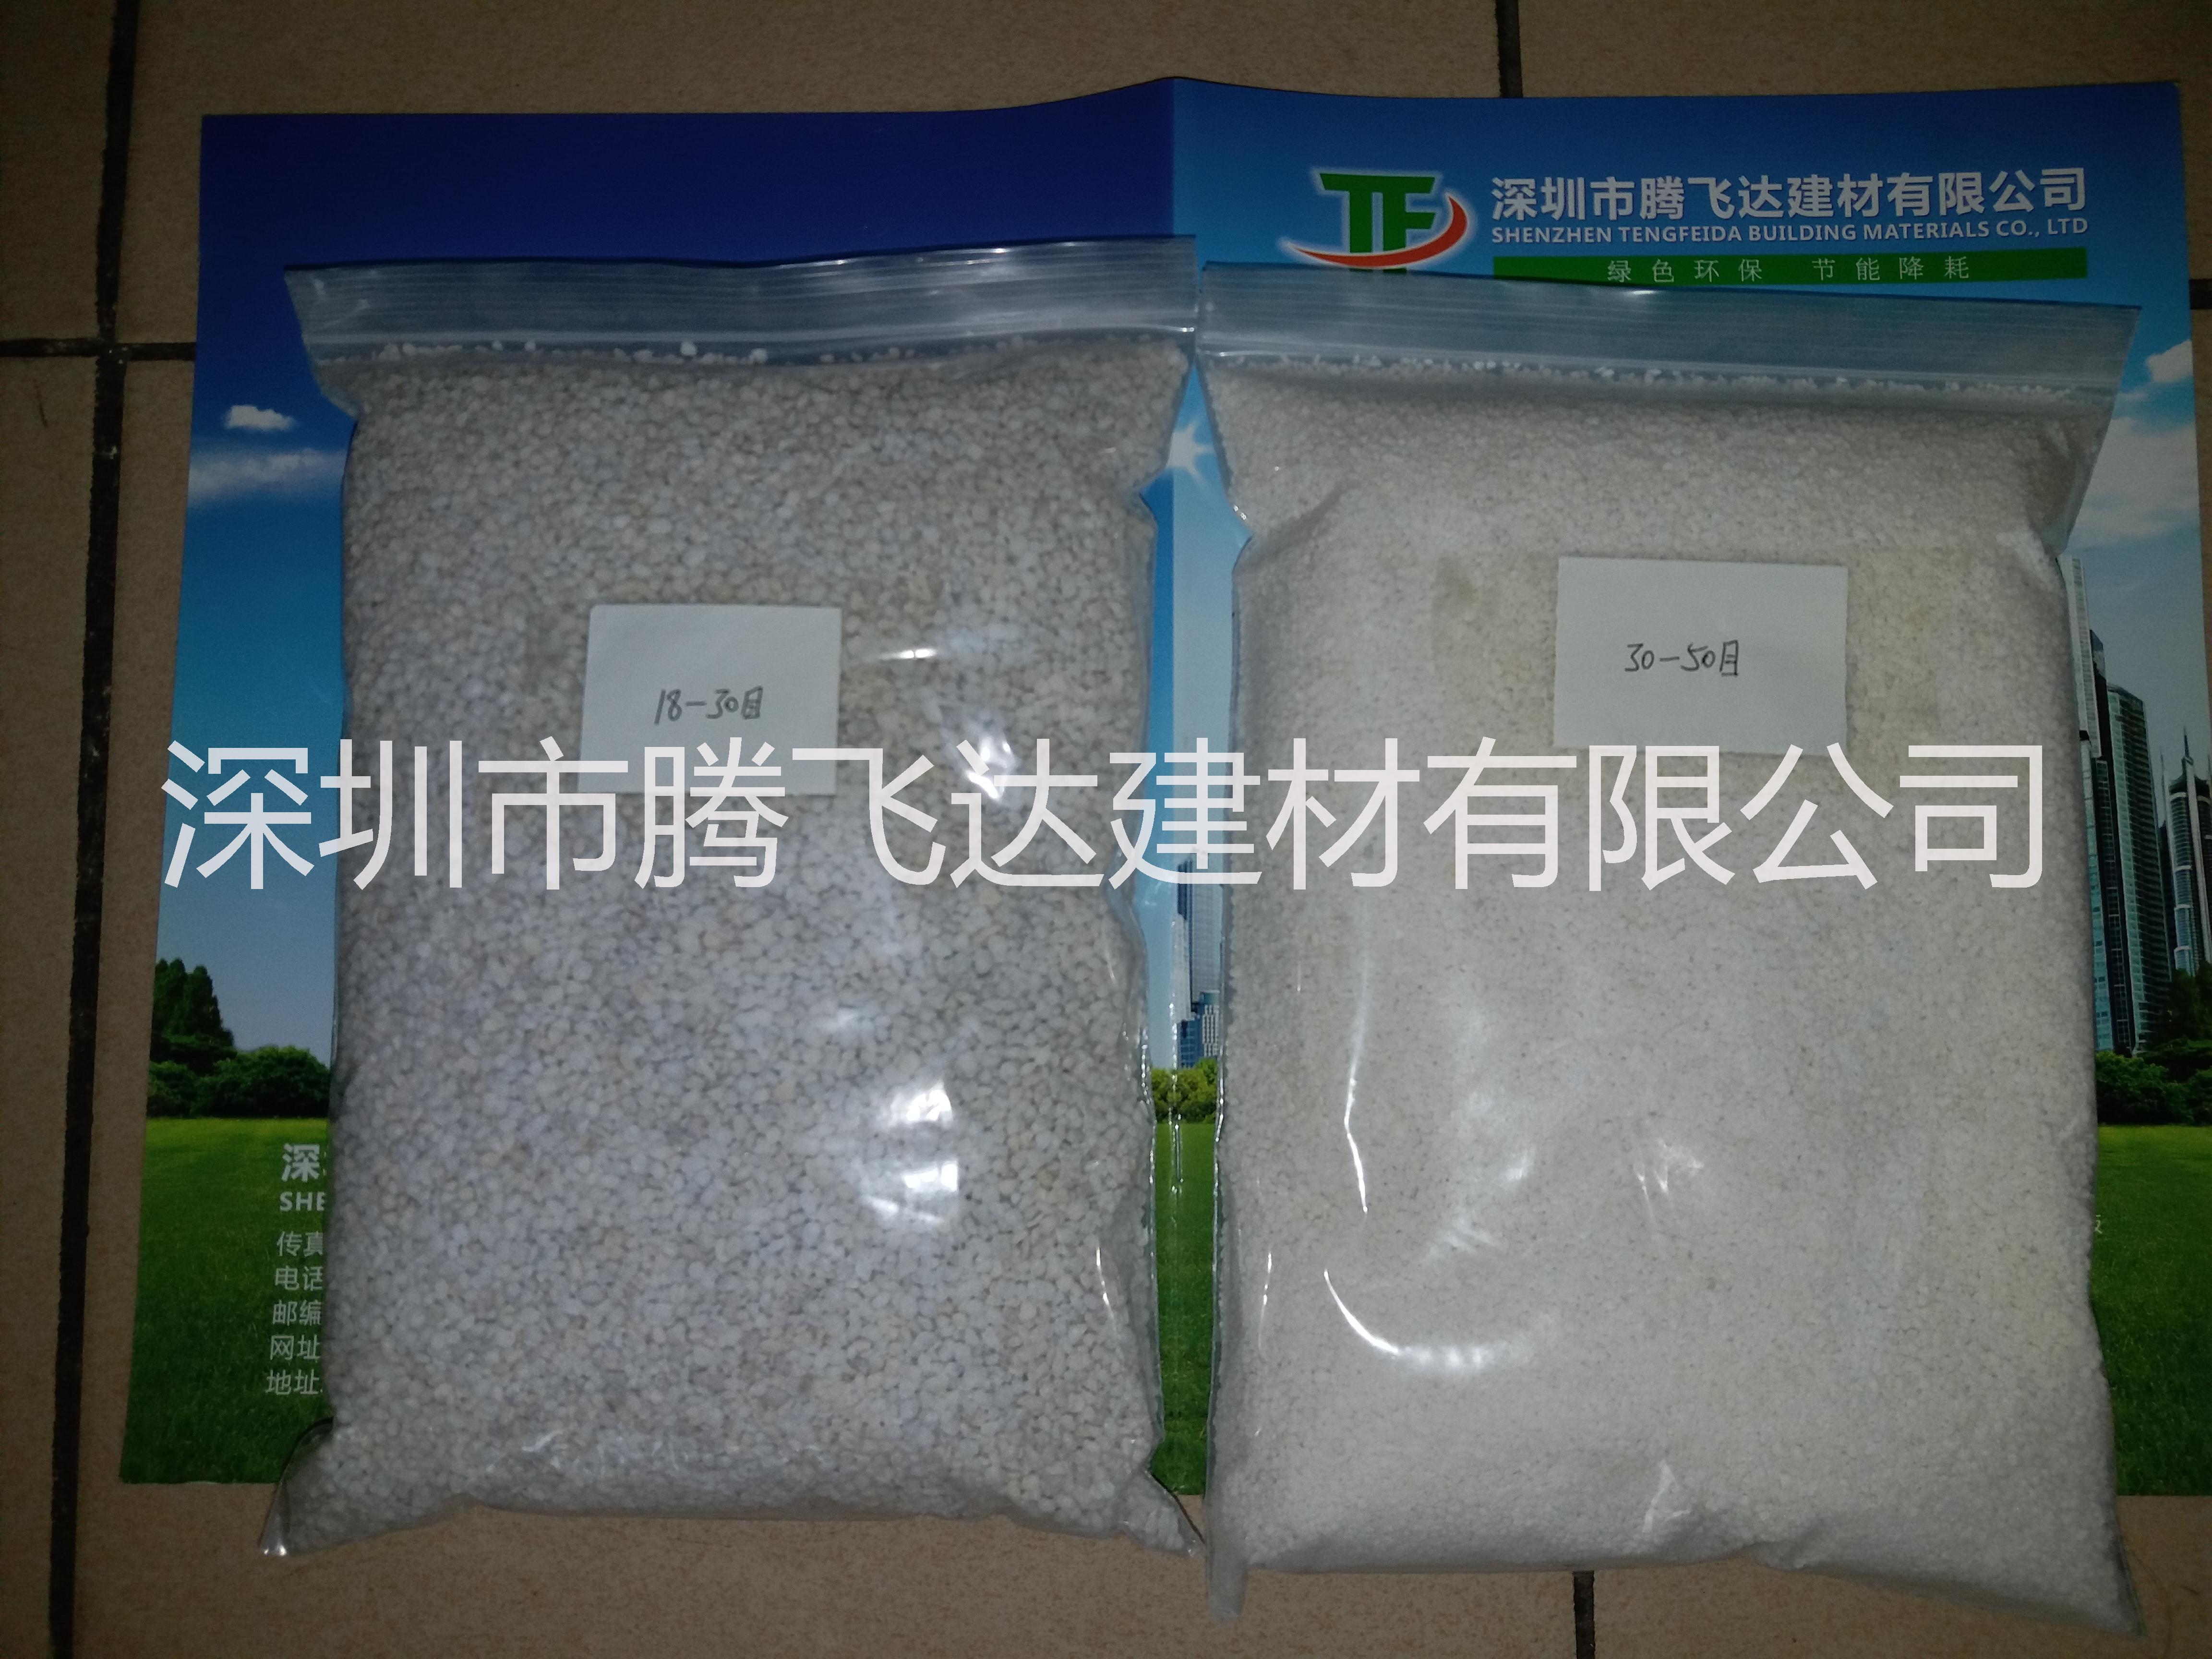 膨胀珍珠岩深圳厂家直销品质保证价格优惠